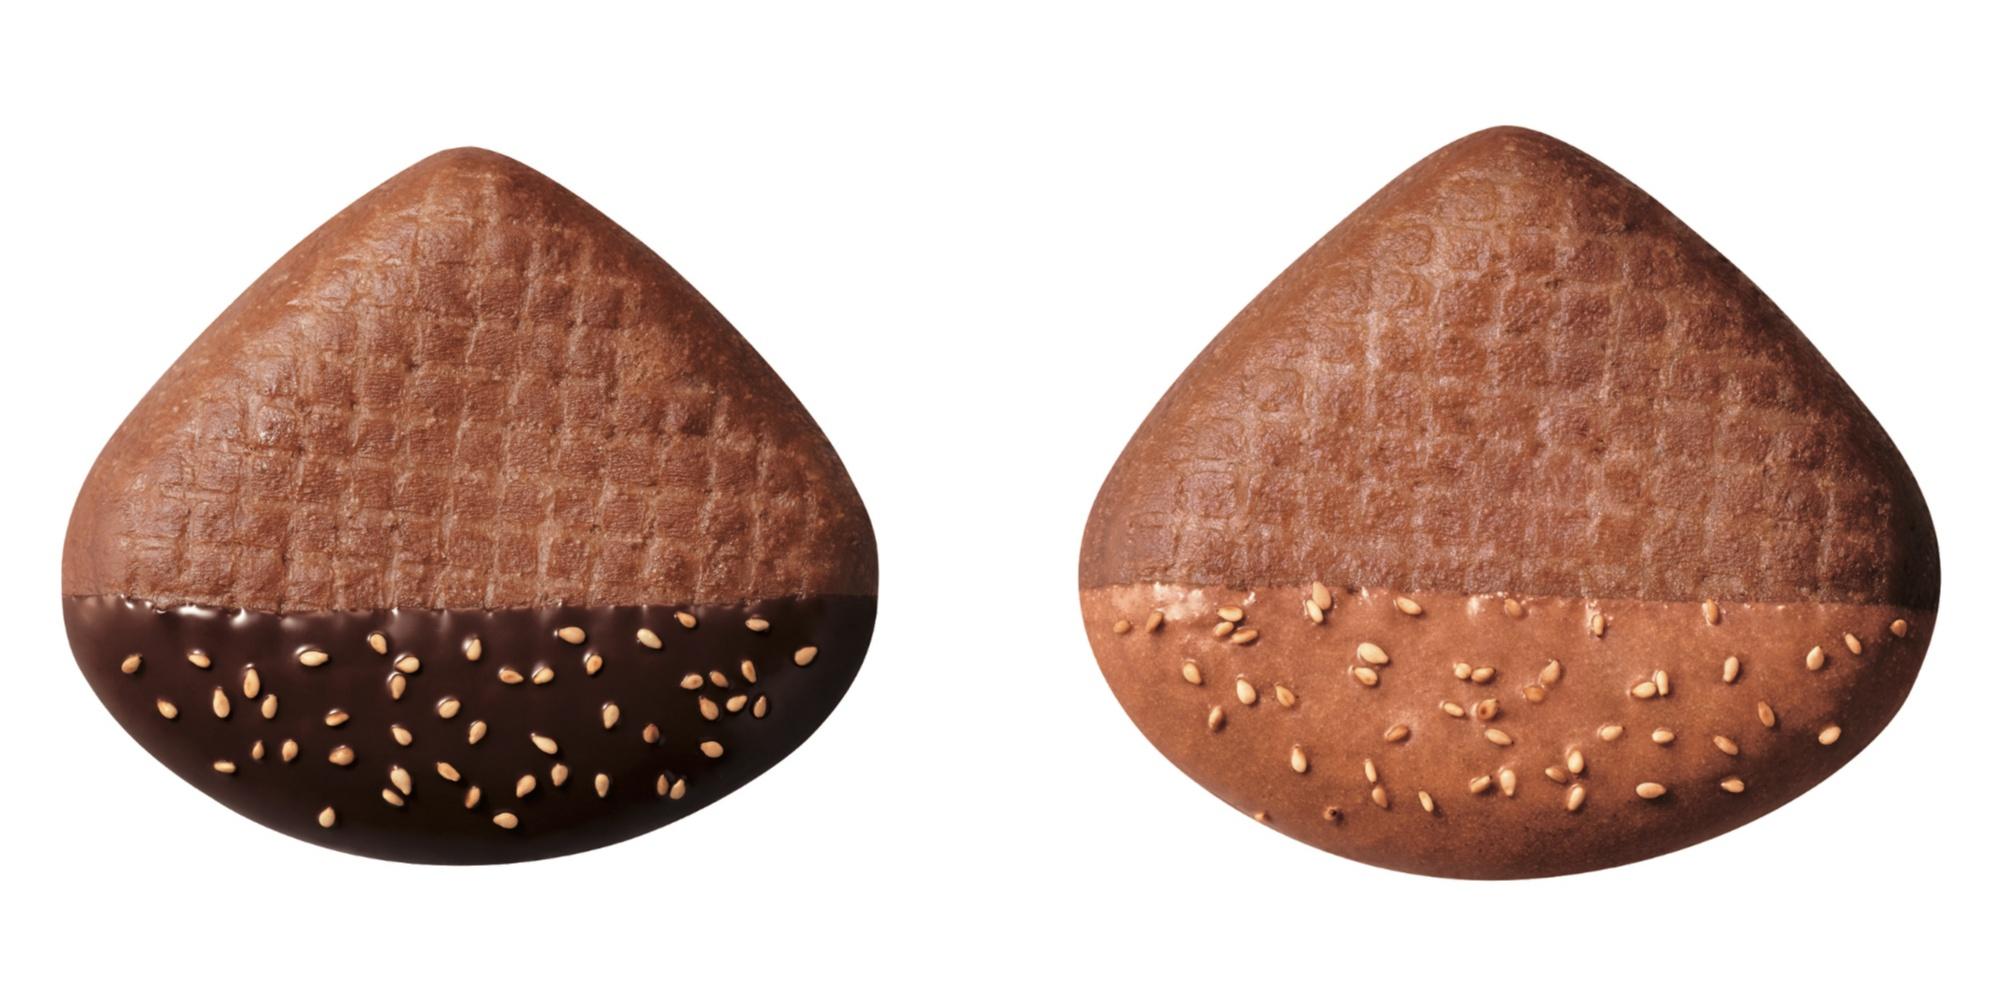 『ミスタードーナツ』の秋ドーナツ第1弾! キュートなマロンにひとめぼれ♡_1